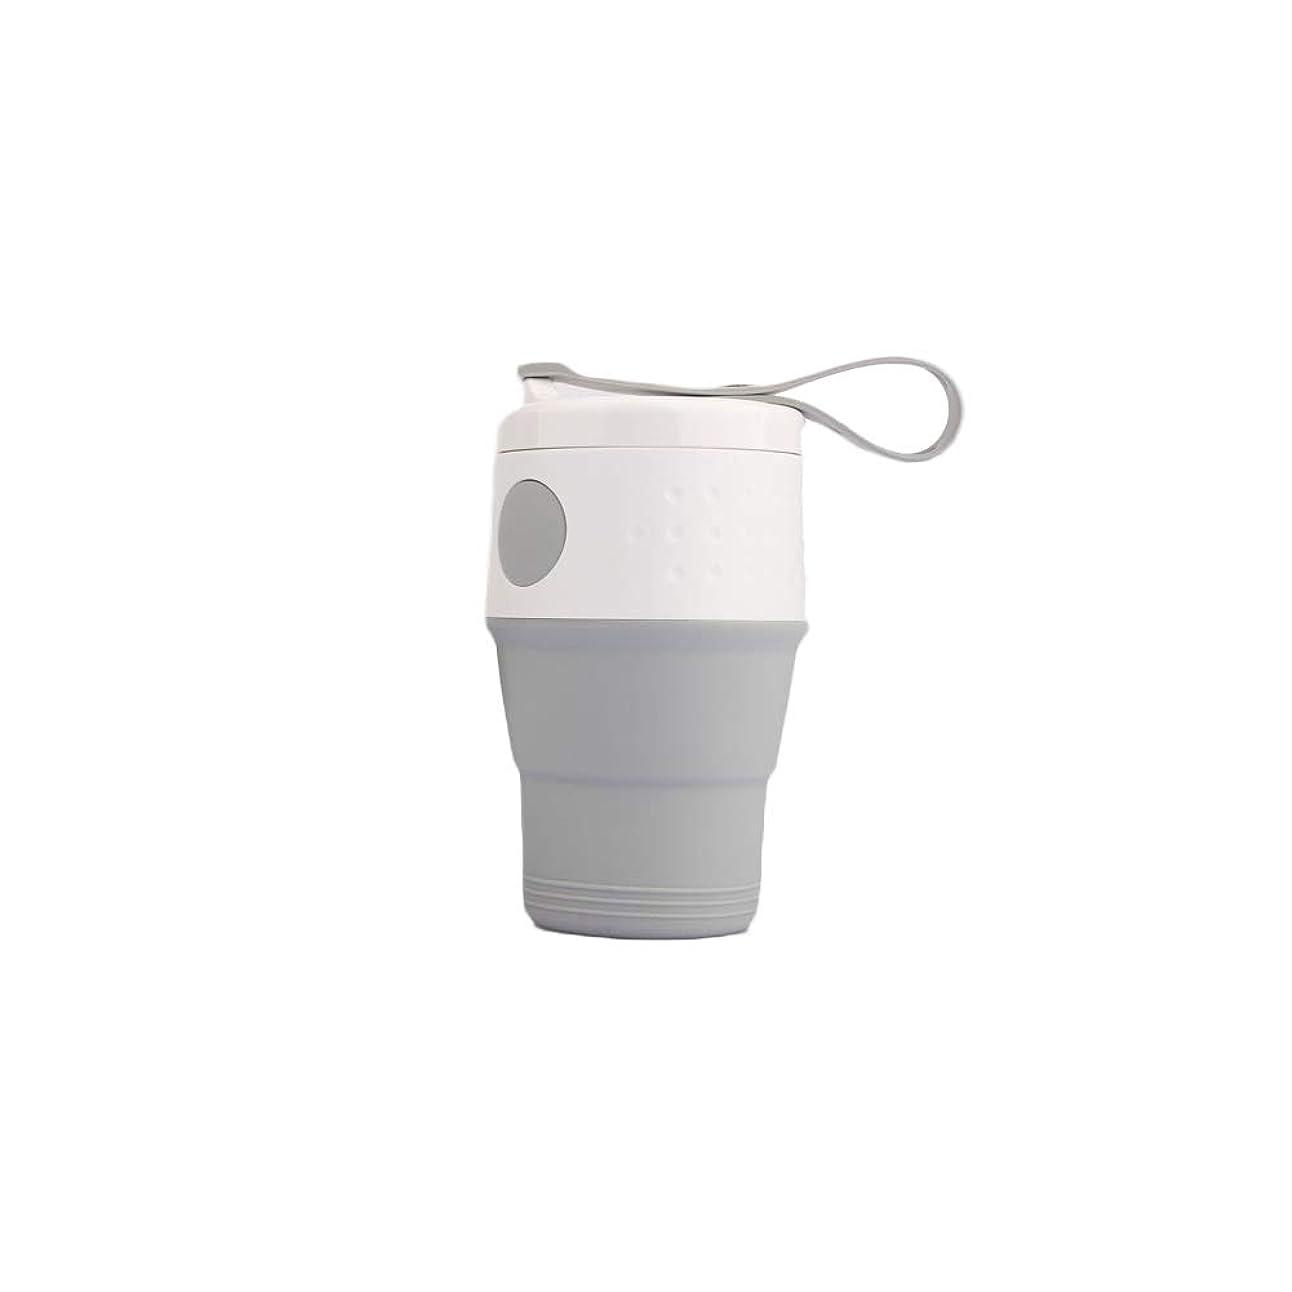 ロシア検出器前述のKingsleyW 旅行用アウトドア折りたたみ式ウォーターボトル用400ml折りたたみ式コーヒーカップ (色 : グレー)